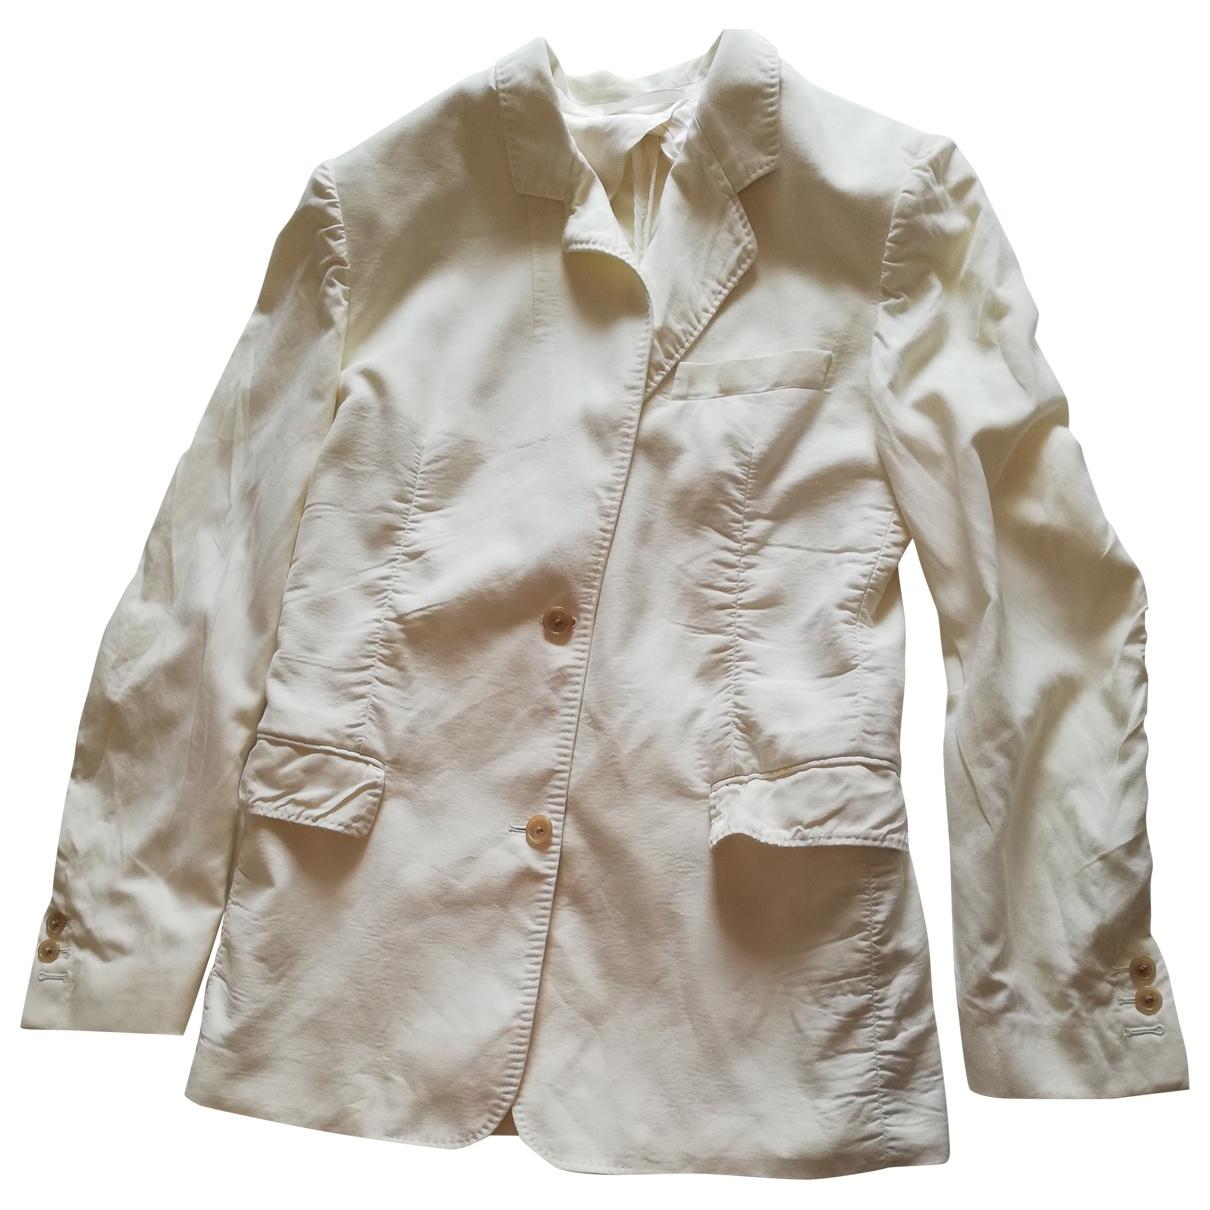 Maison Martin Margiela - Veste   pour femme en coton - beige